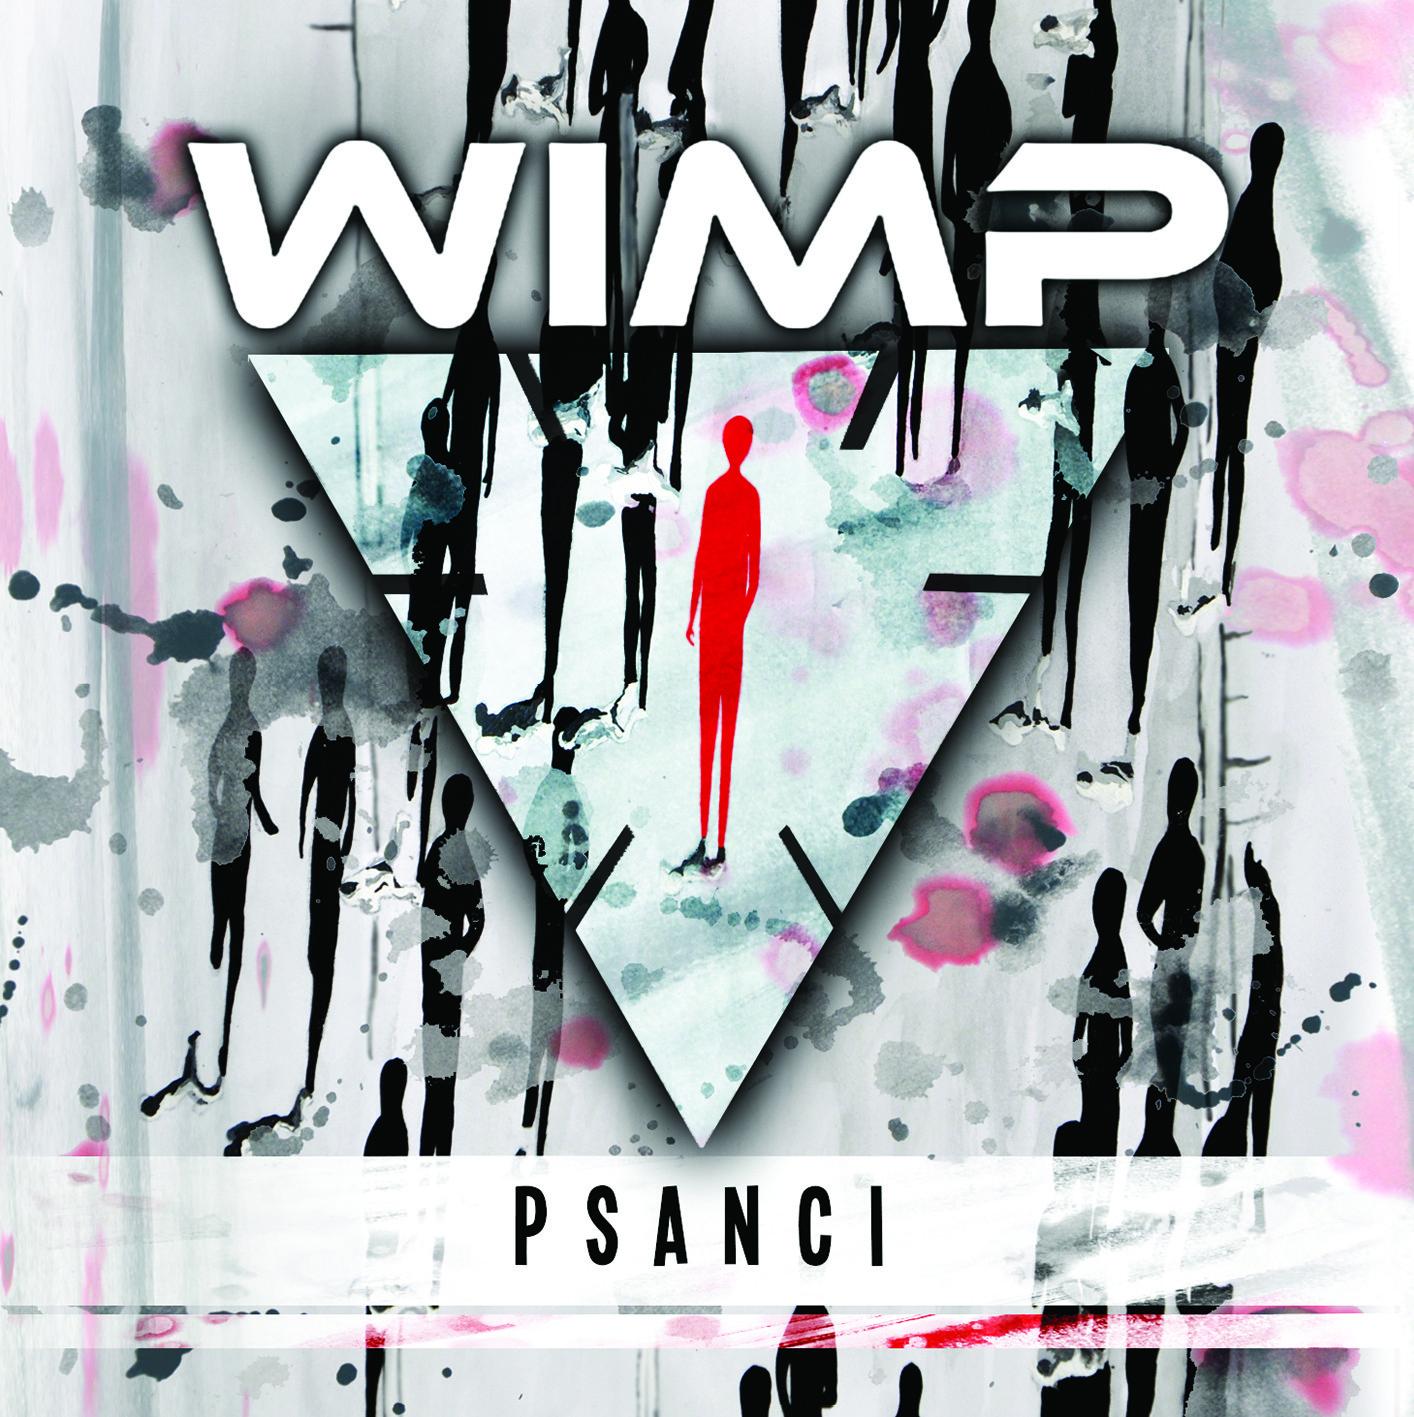 WIMP-Psanci